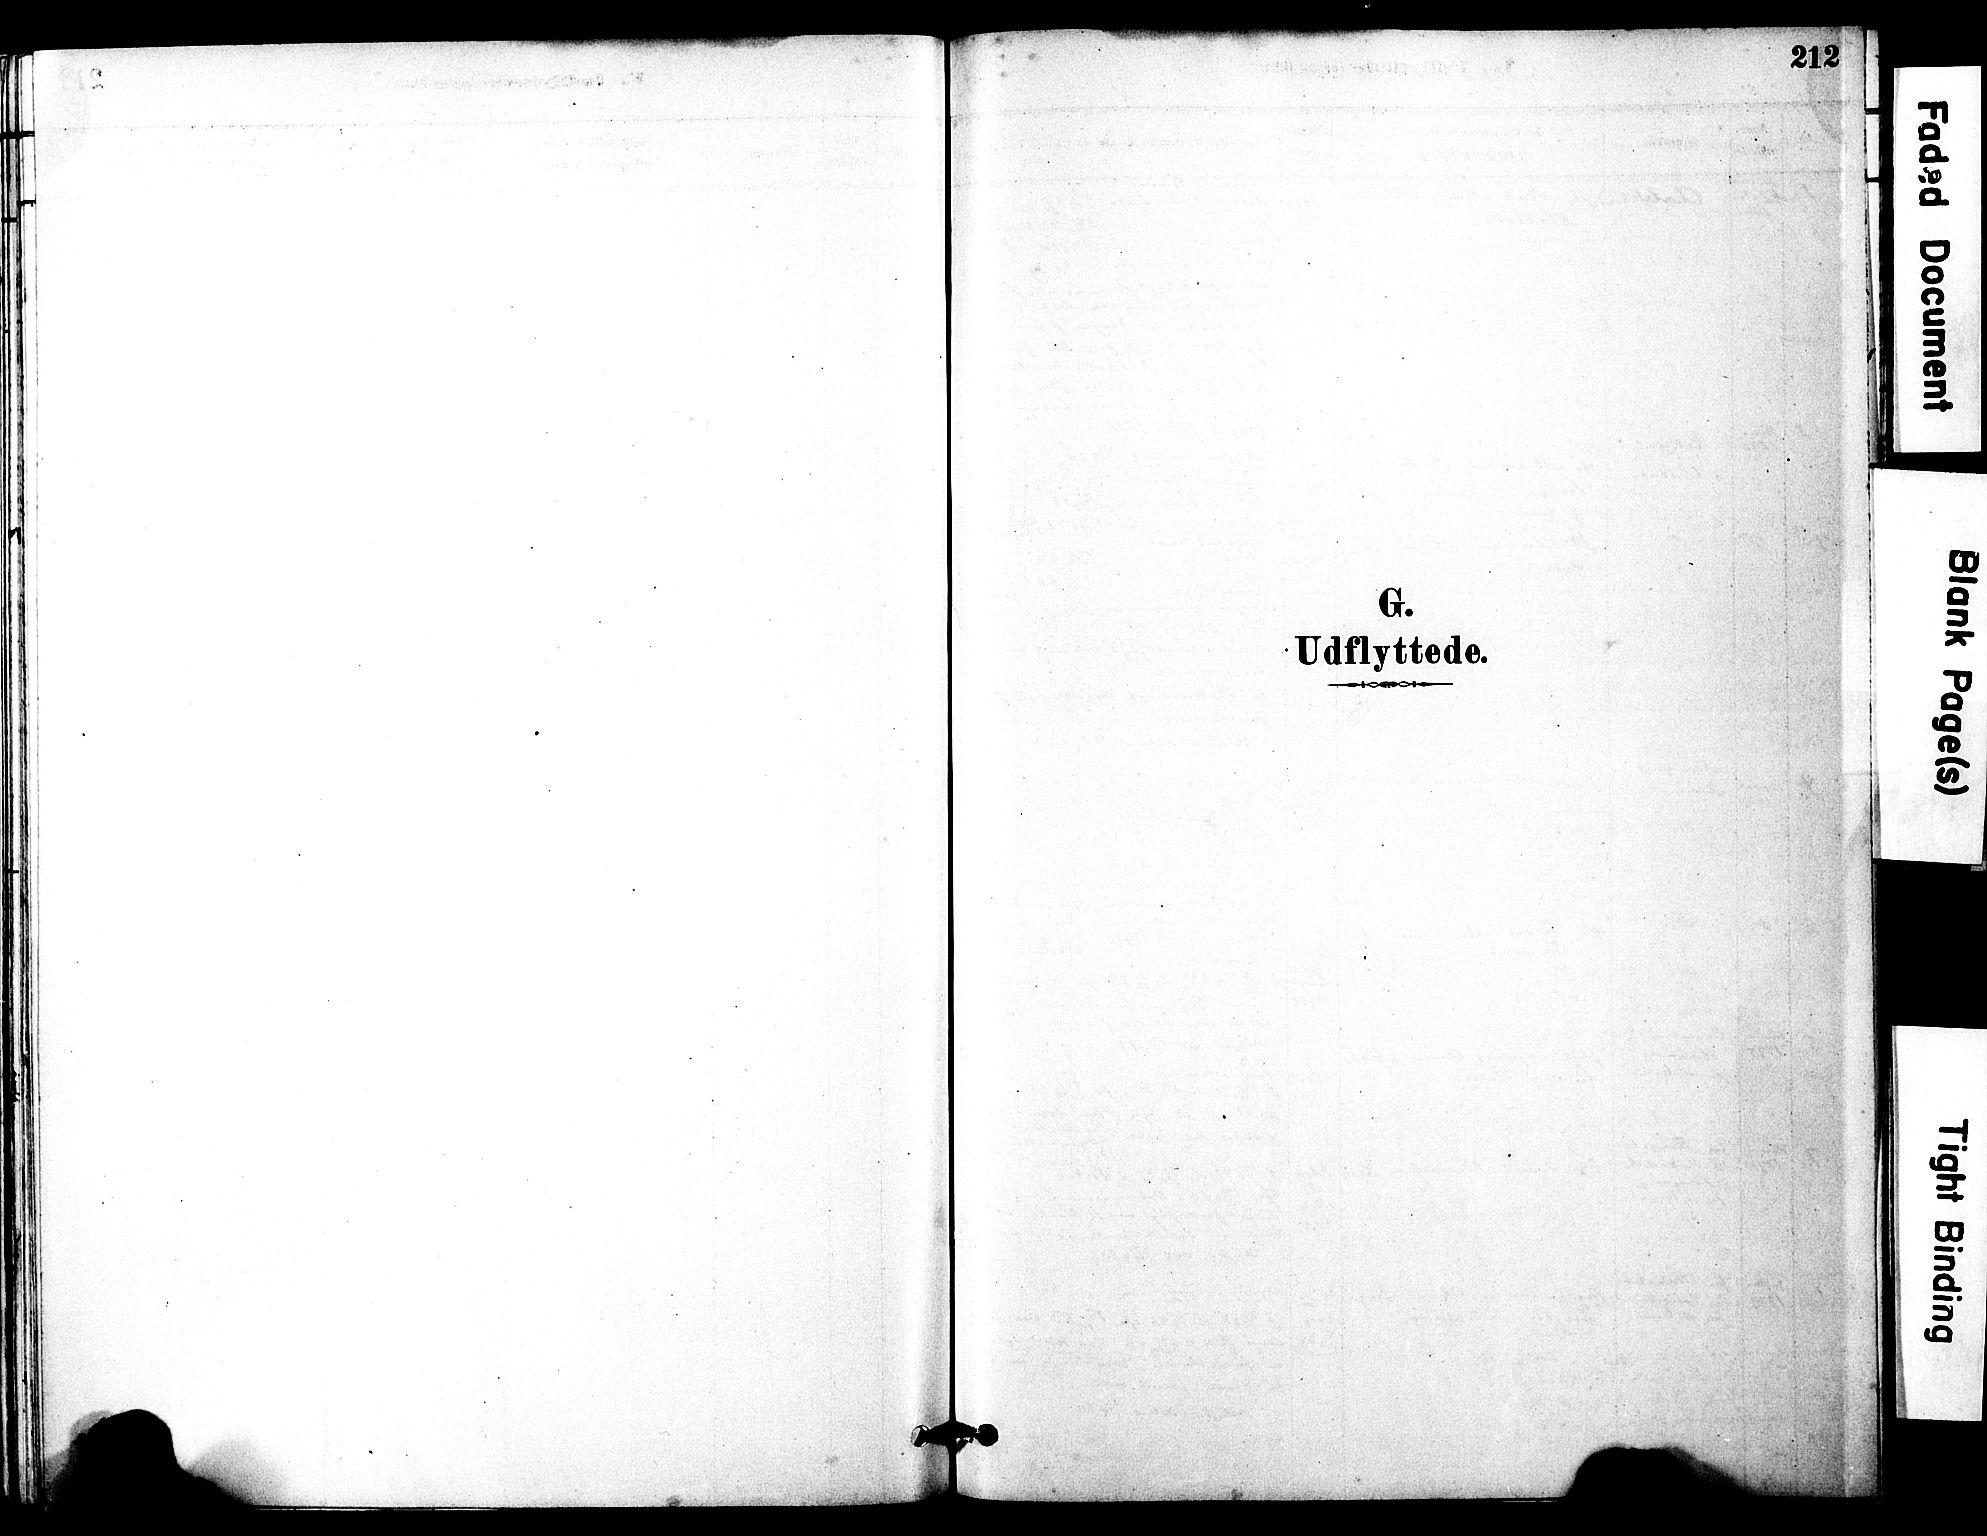 SAT, Ministerialprotokoller, klokkerbøker og fødselsregistre - Møre og Romsdal, 525/L0374: Ministerialbok nr. 525A04, 1880-1899, s. 212